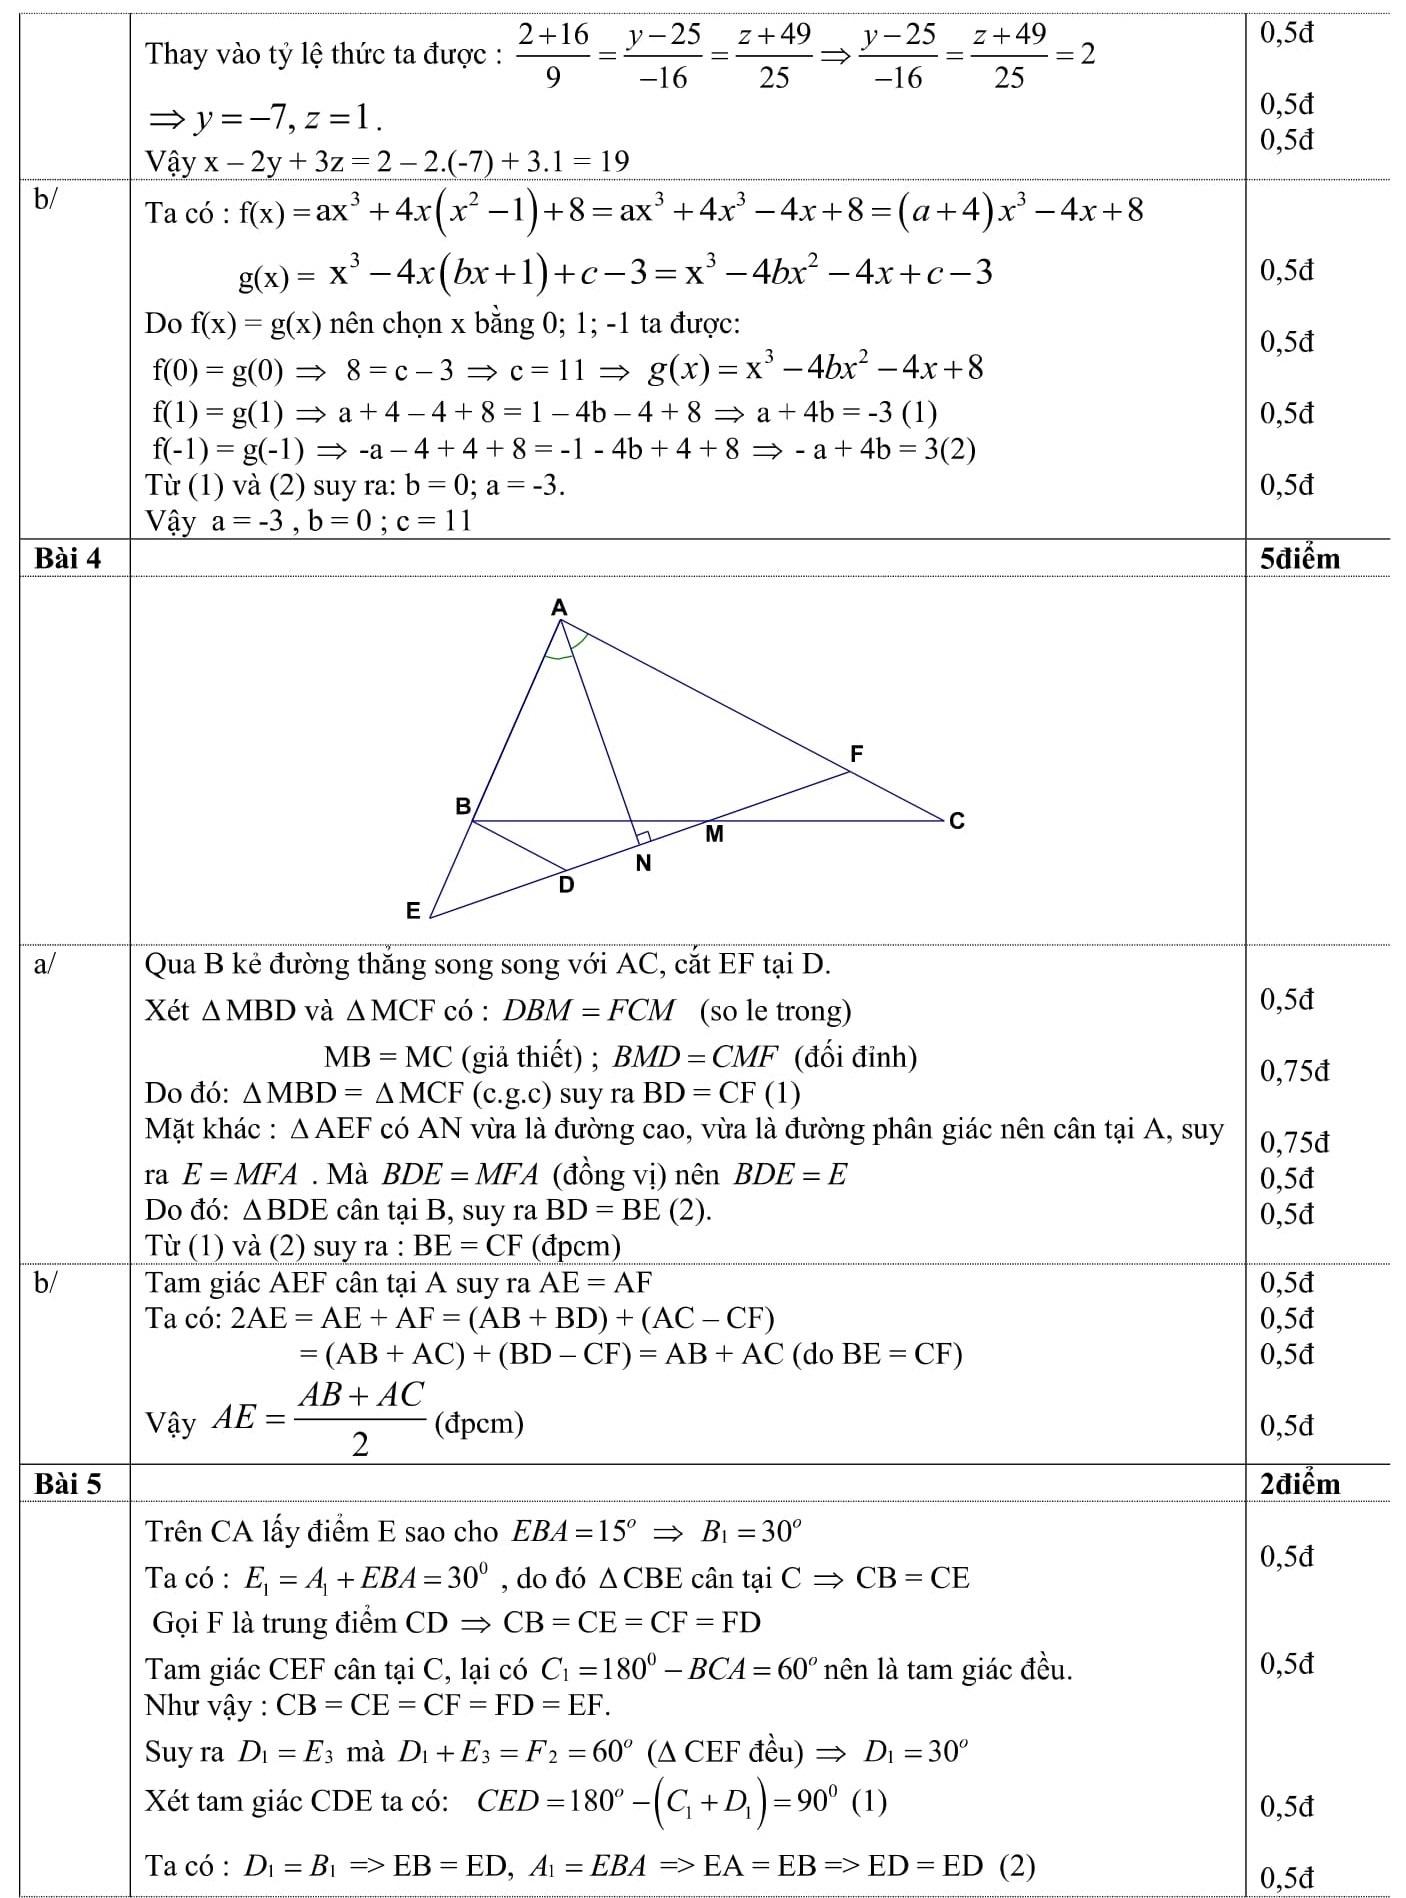 Đáp án và đề thi HSG toán 7 phòng GD&ĐT Ngọc Lặc 2015-2016